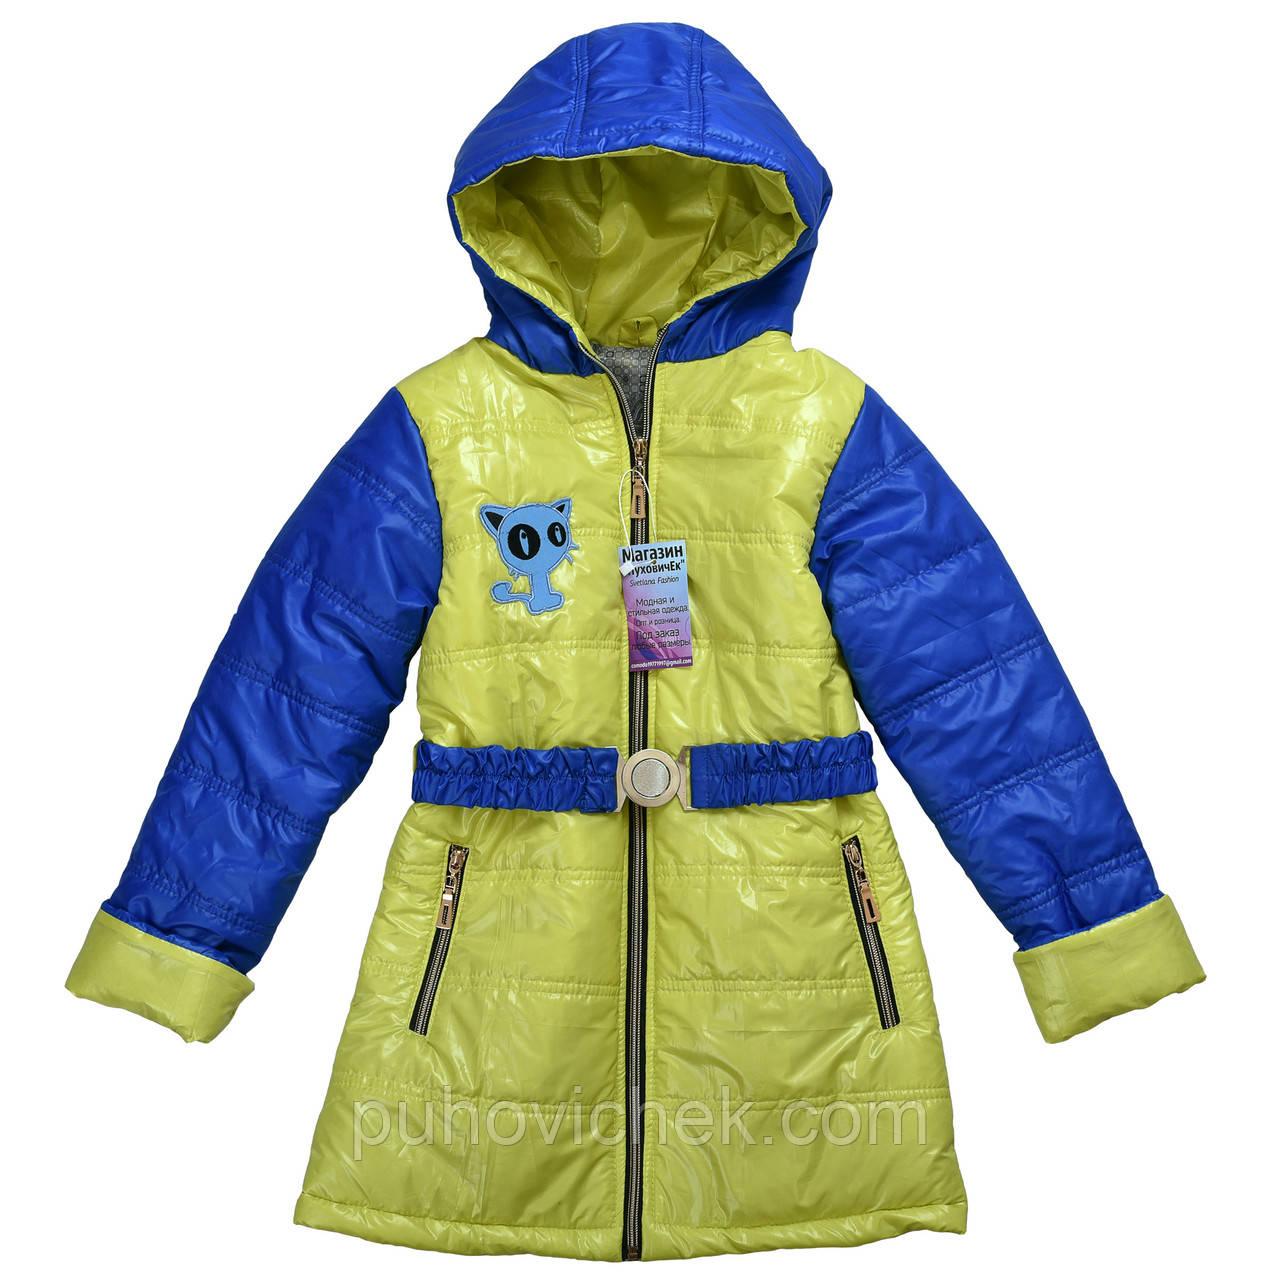 Модная куртка детская для девочки под пояс